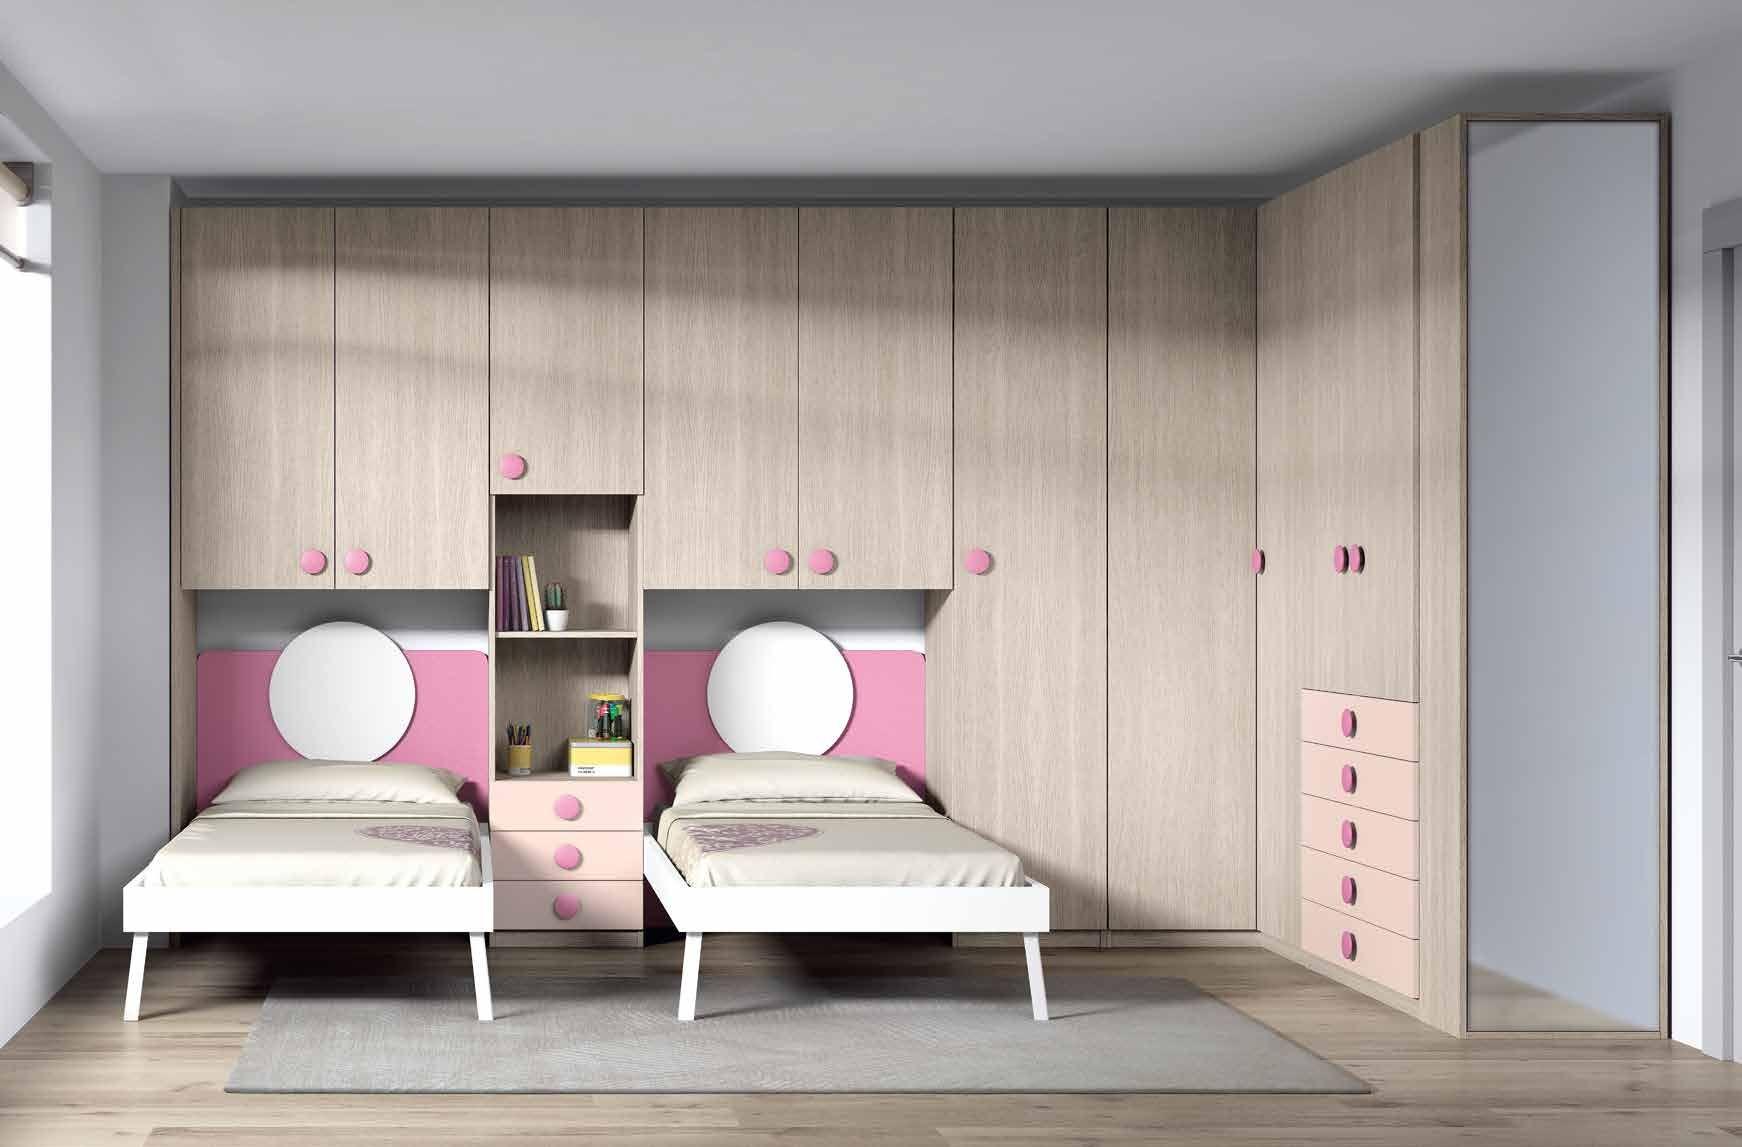 Habitación con dos camas y vestida con armario rincón y terminal zapatero